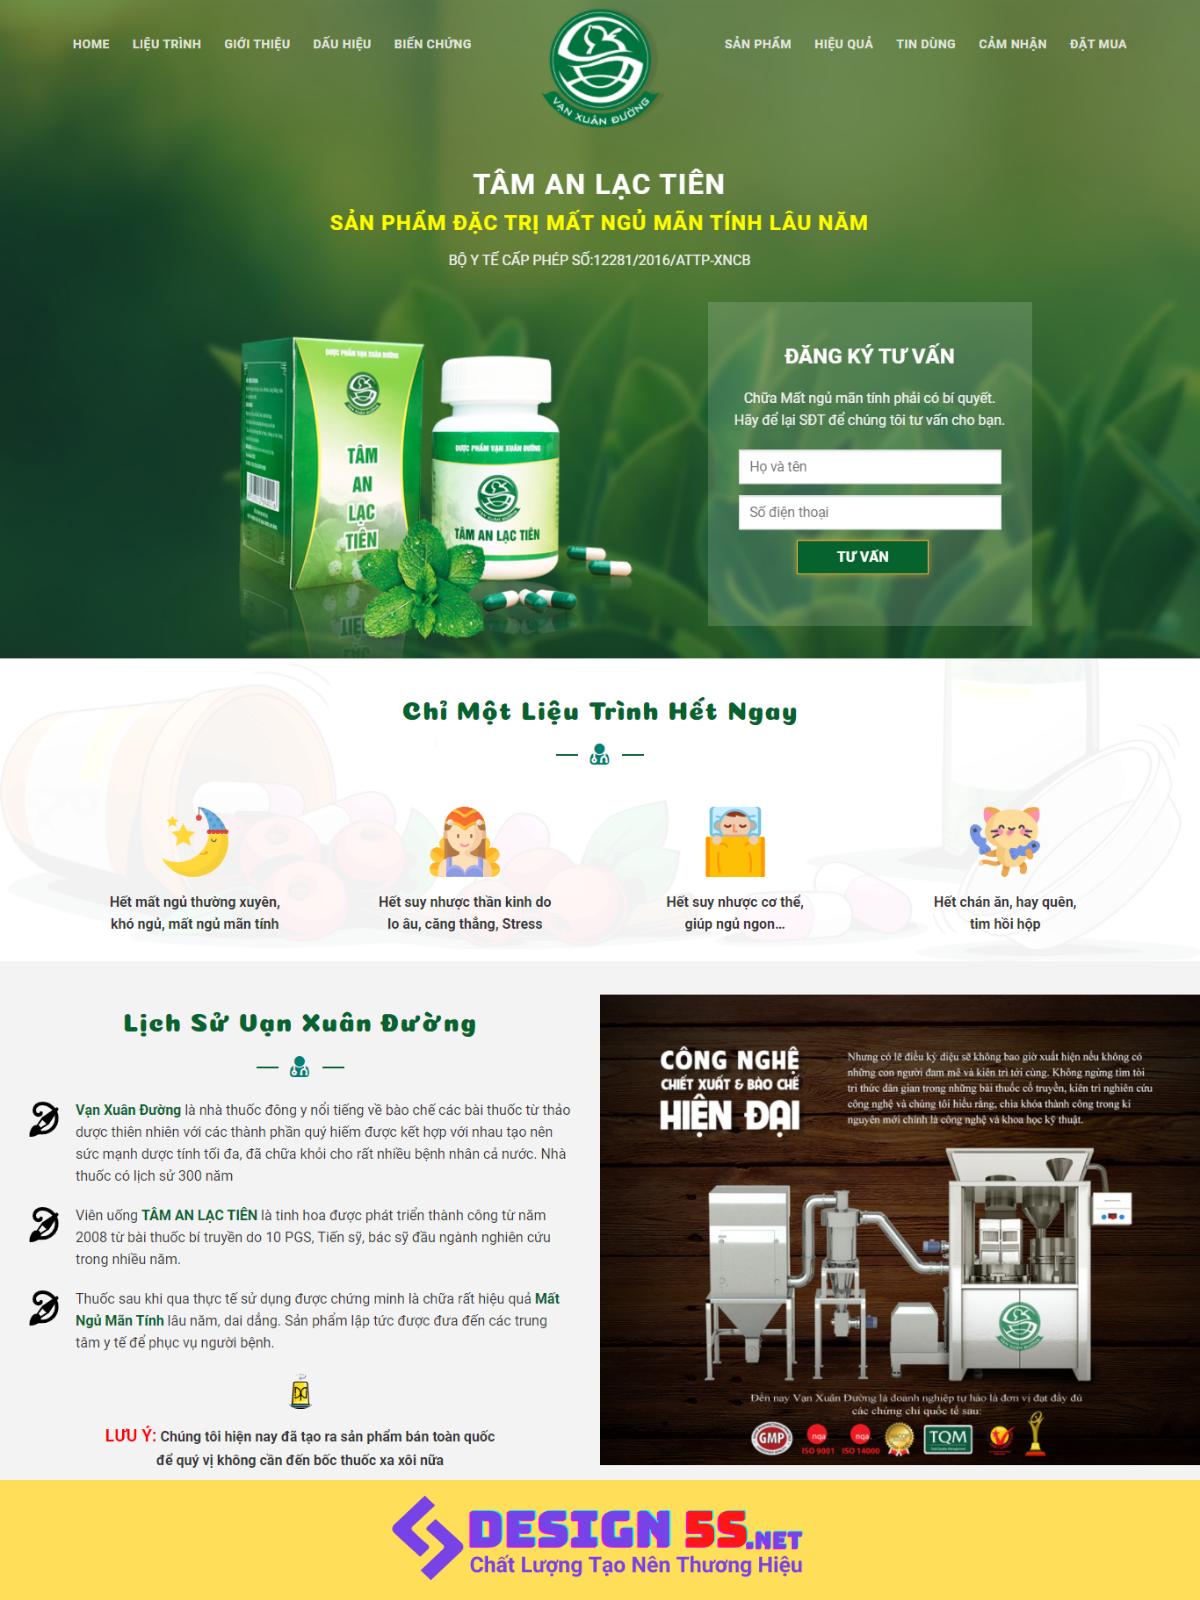 Template blogspot bán thuốc, thục phẩm chức năng VSM03